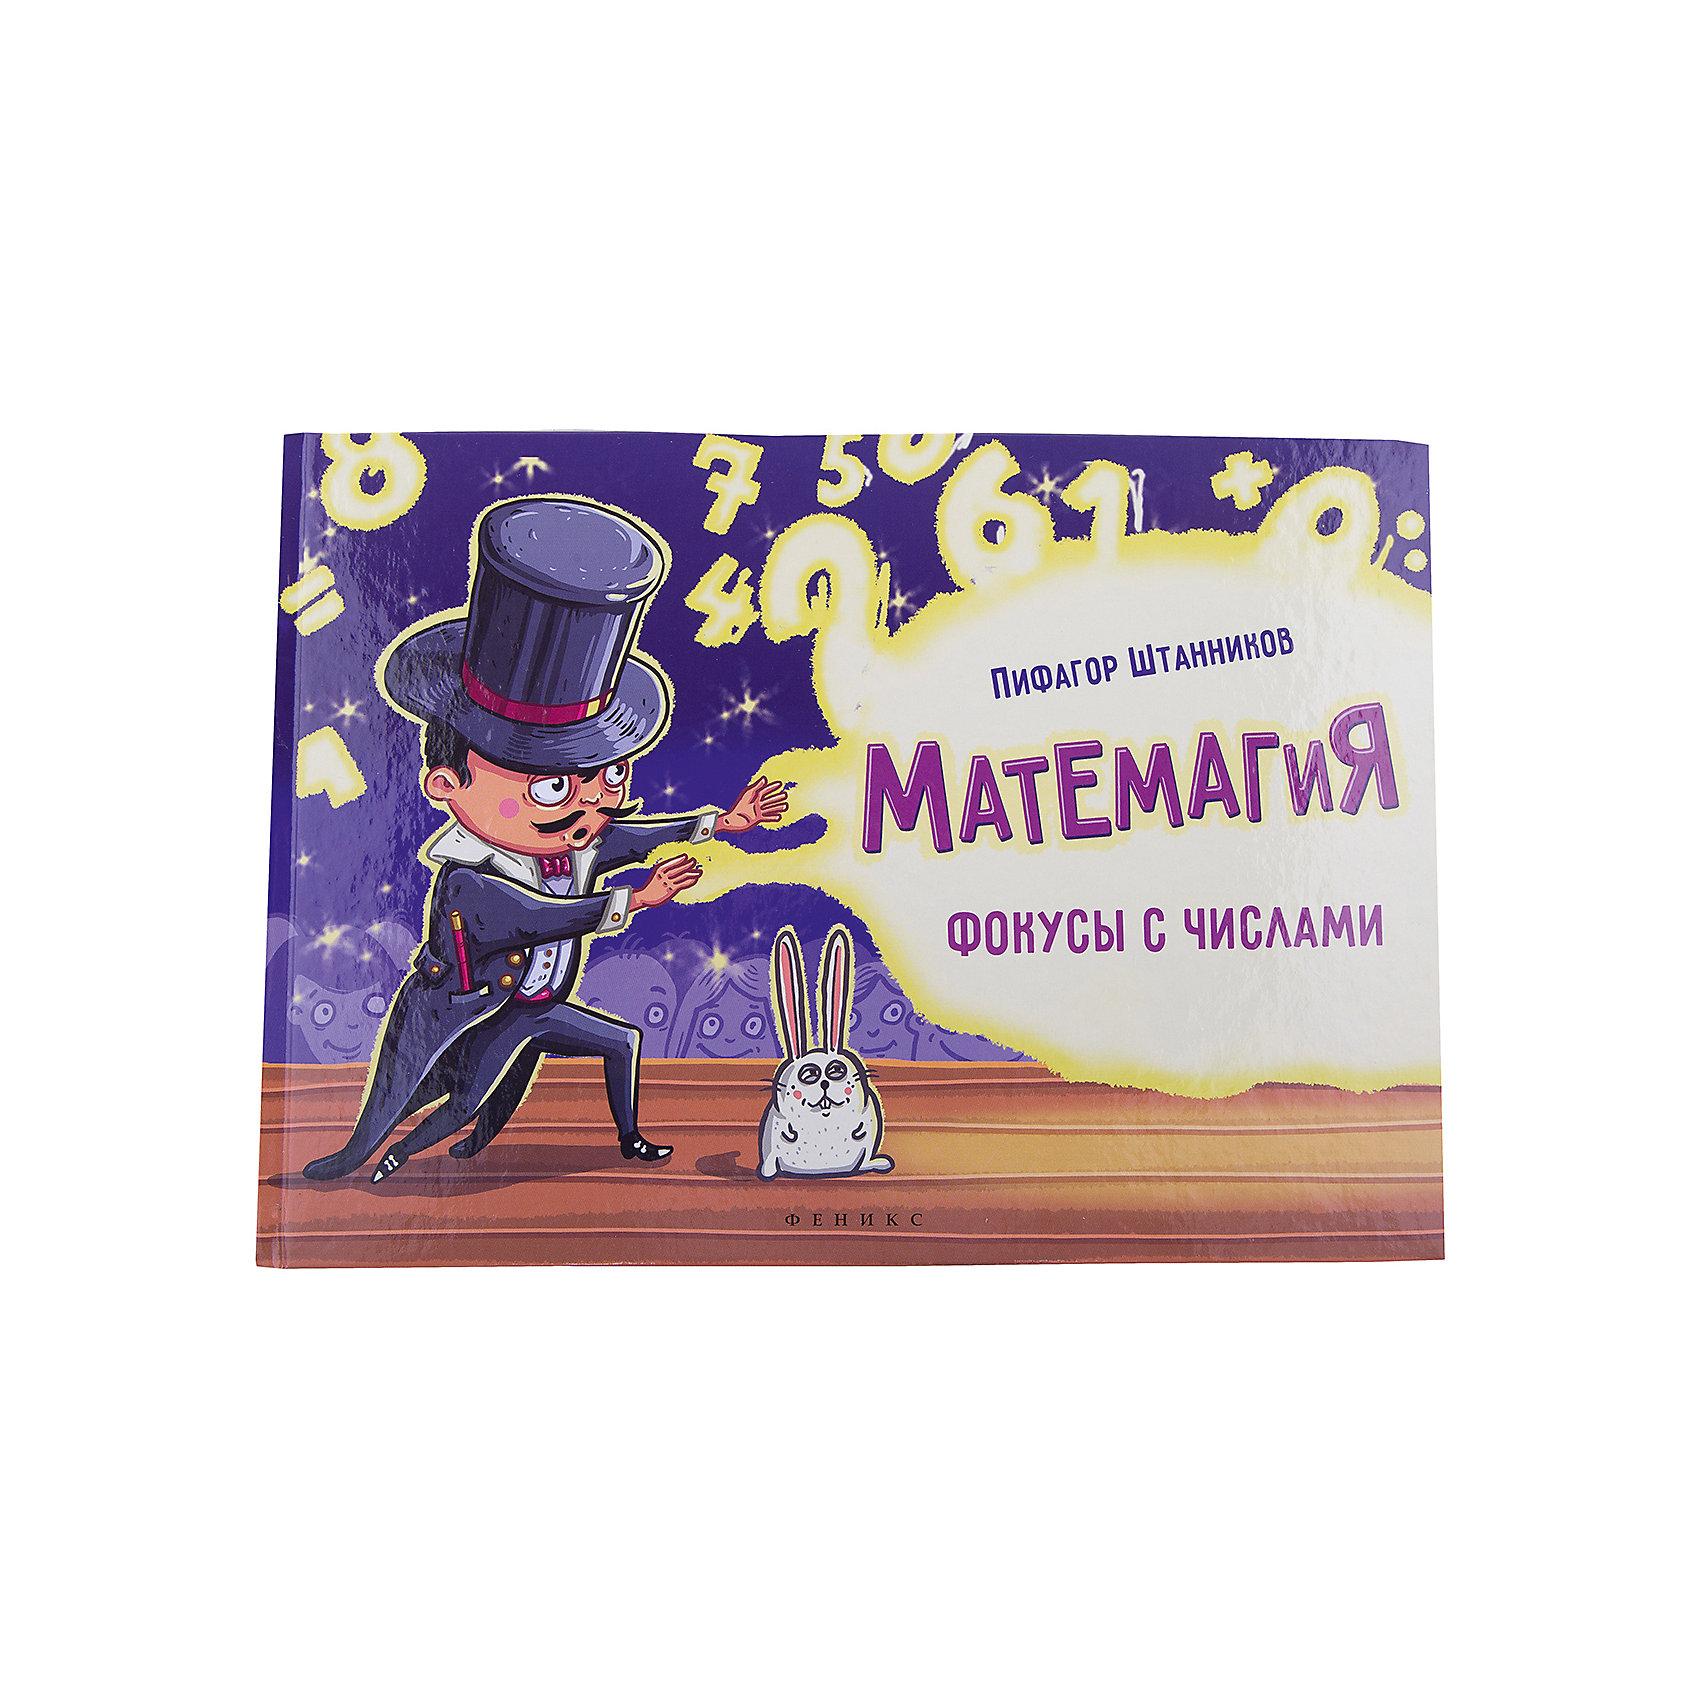 Матемагия: фокусы с числамиОбучение счету<br>Книга Матемагия: фокусы с числами<br><br>Характеристики: <br><br>• Кол-во страниц: 88<br>• ISBN: 9785222248959<br>• Возраст: 7+<br>• Обложка: твердая глянцевая<br>• Формат: а4<br><br>Эта книга подойдет для детей от 7 лет, которые уже овладели навыками счета. Благодаря этой книге можно узнать, какой увлекательной бывает математика, если прибавить к ней немного научного волшебства. <br><br>Книга Матемагия: фокусы с числами можно купить в нашем интернет-магазине.<br><br>Ширина мм: 212<br>Глубина мм: 298<br>Высота мм: 80<br>Вес г: 463<br>Возраст от месяцев: 72<br>Возраст до месяцев: 2147483647<br>Пол: Унисекс<br>Возраст: Детский<br>SKU: 5464509